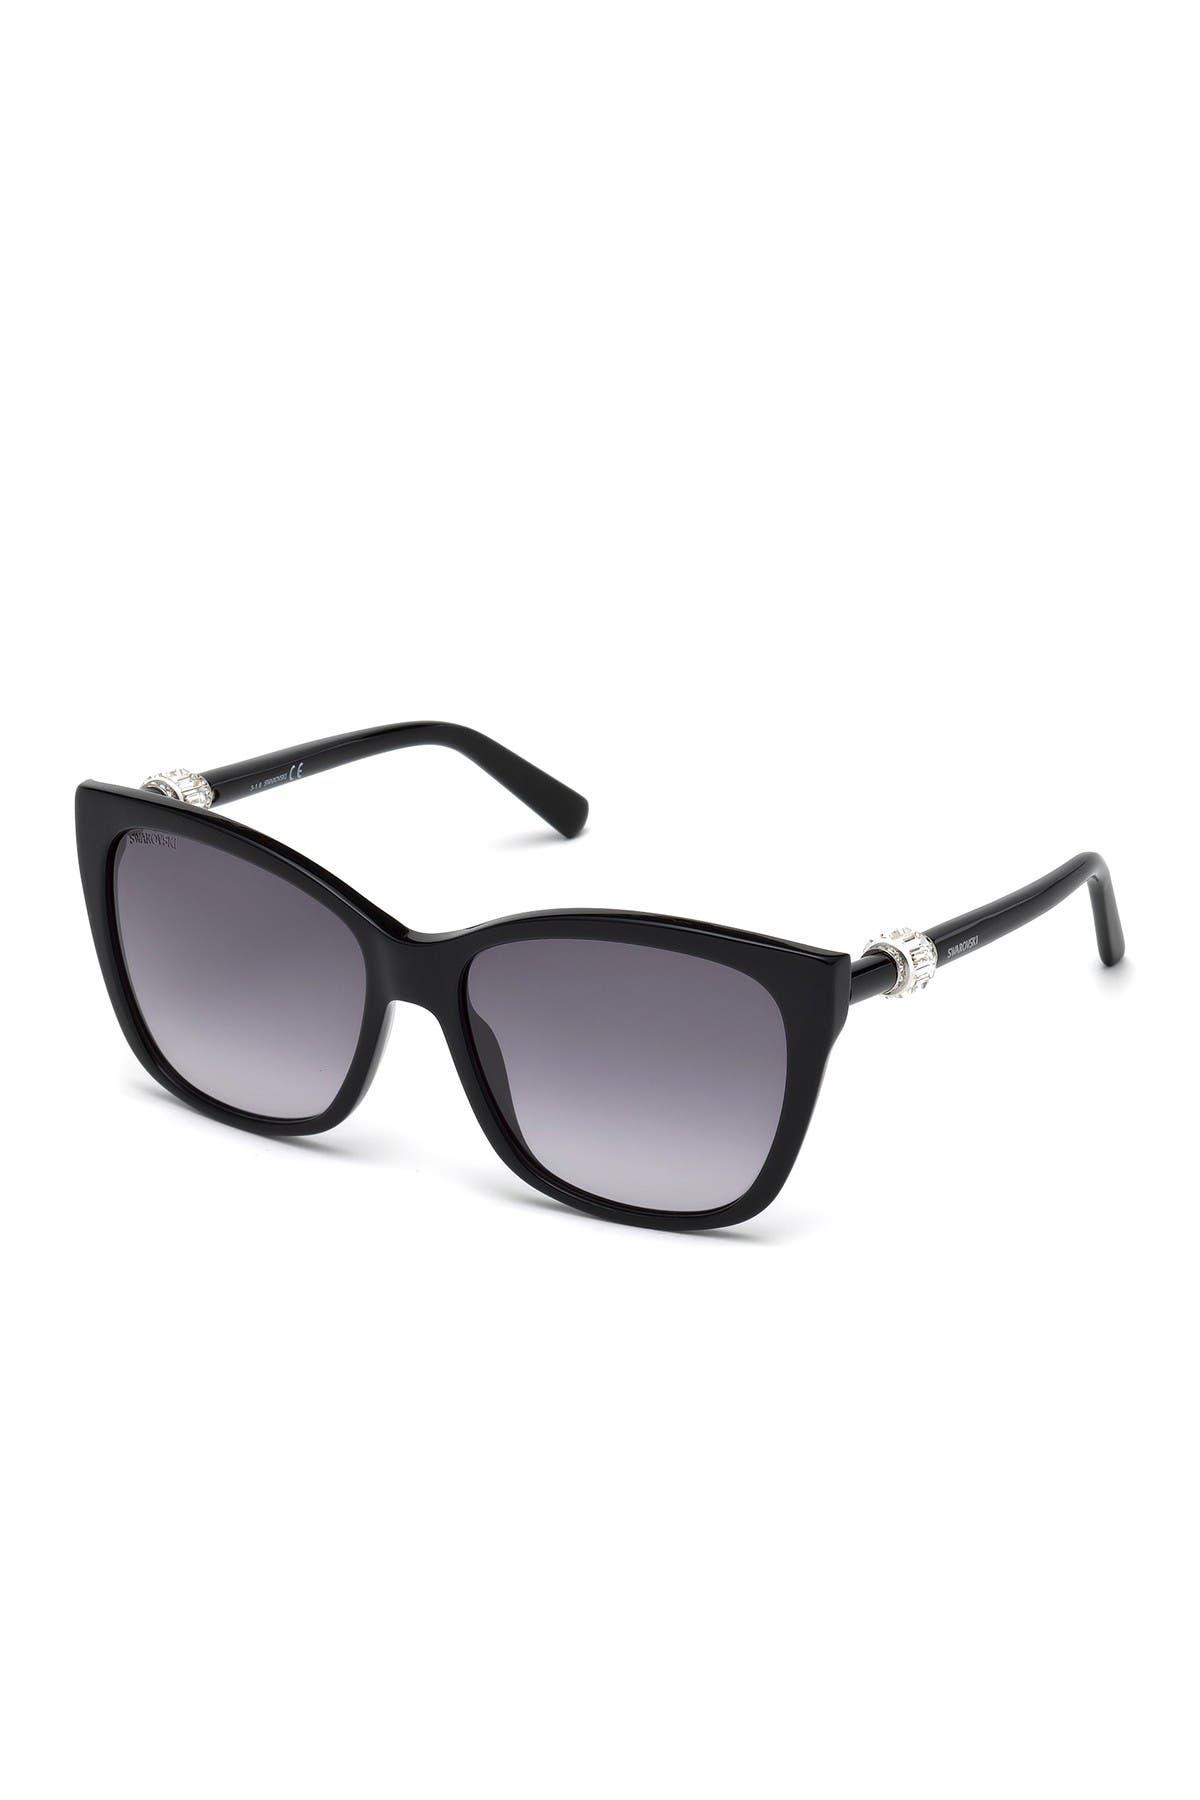 Image of Swarovski Square 58mm Sunglasses